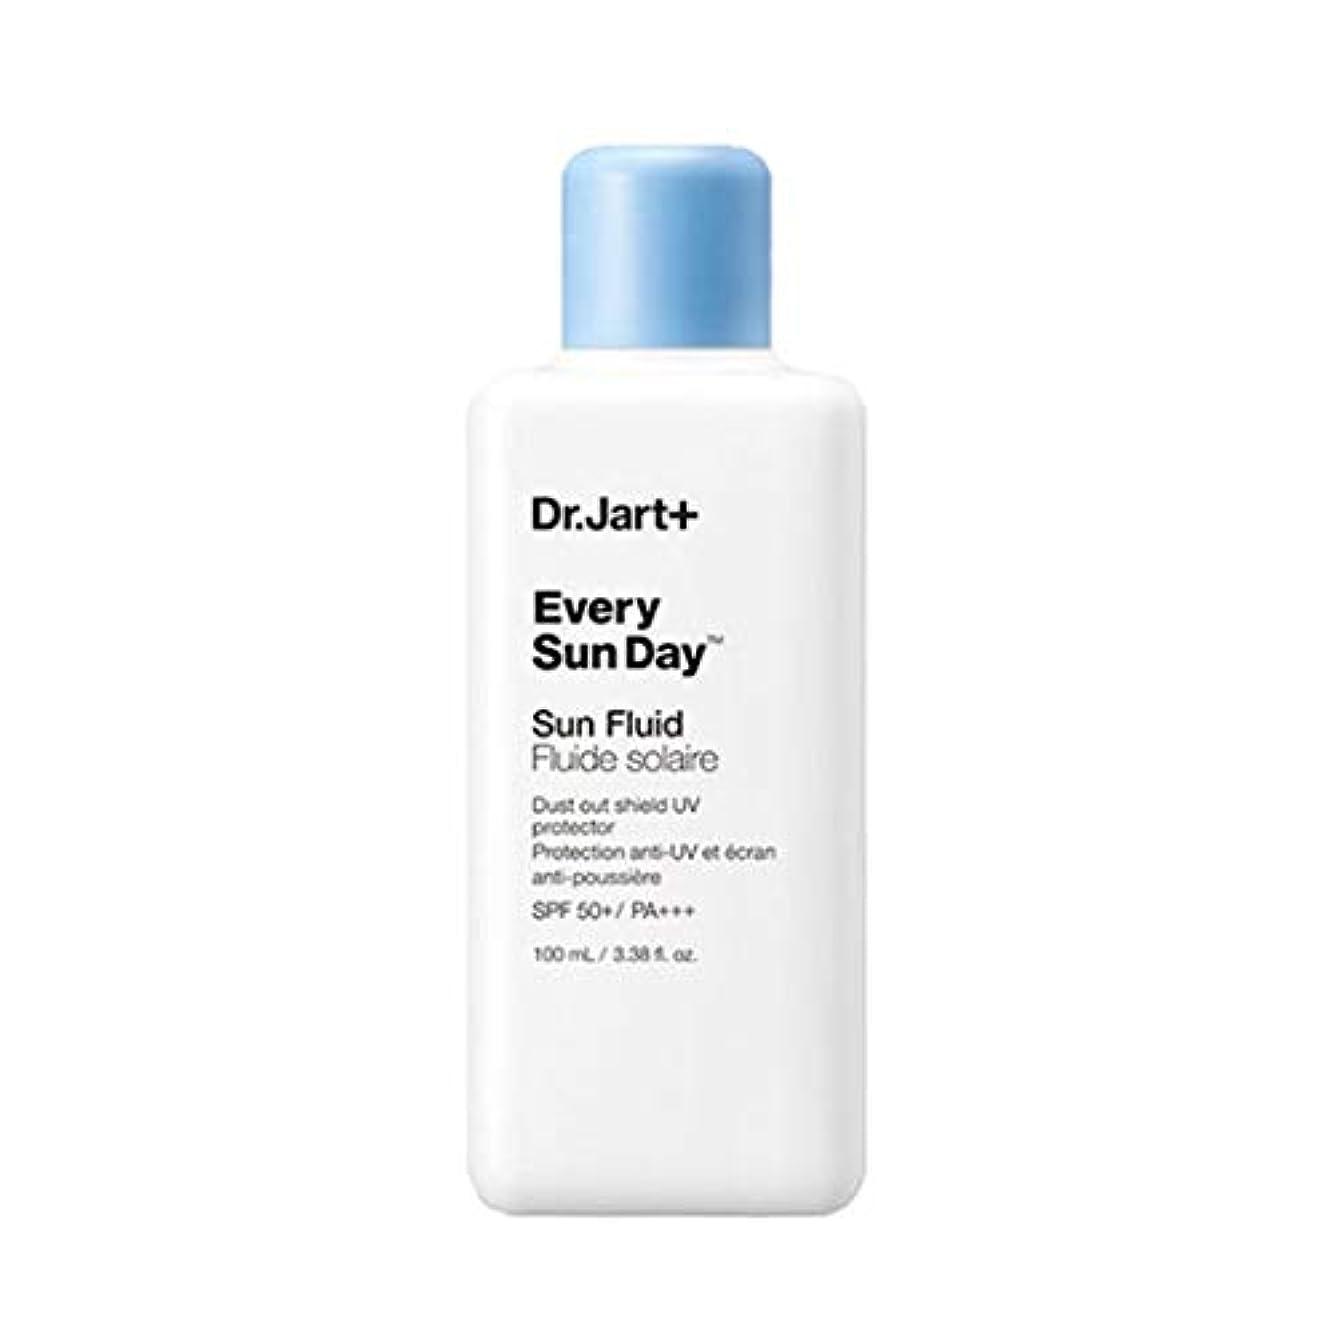 仲良しキャロライン刃ドクタージャルトゥエヴリサンデーソンプルルイドゥSPF50+PA+++100mlソンクリム、Dr.Jart Every Sun Day Sun Fluid SPF50+ PA+++ 100ml Sun Cream [並行輸入品]